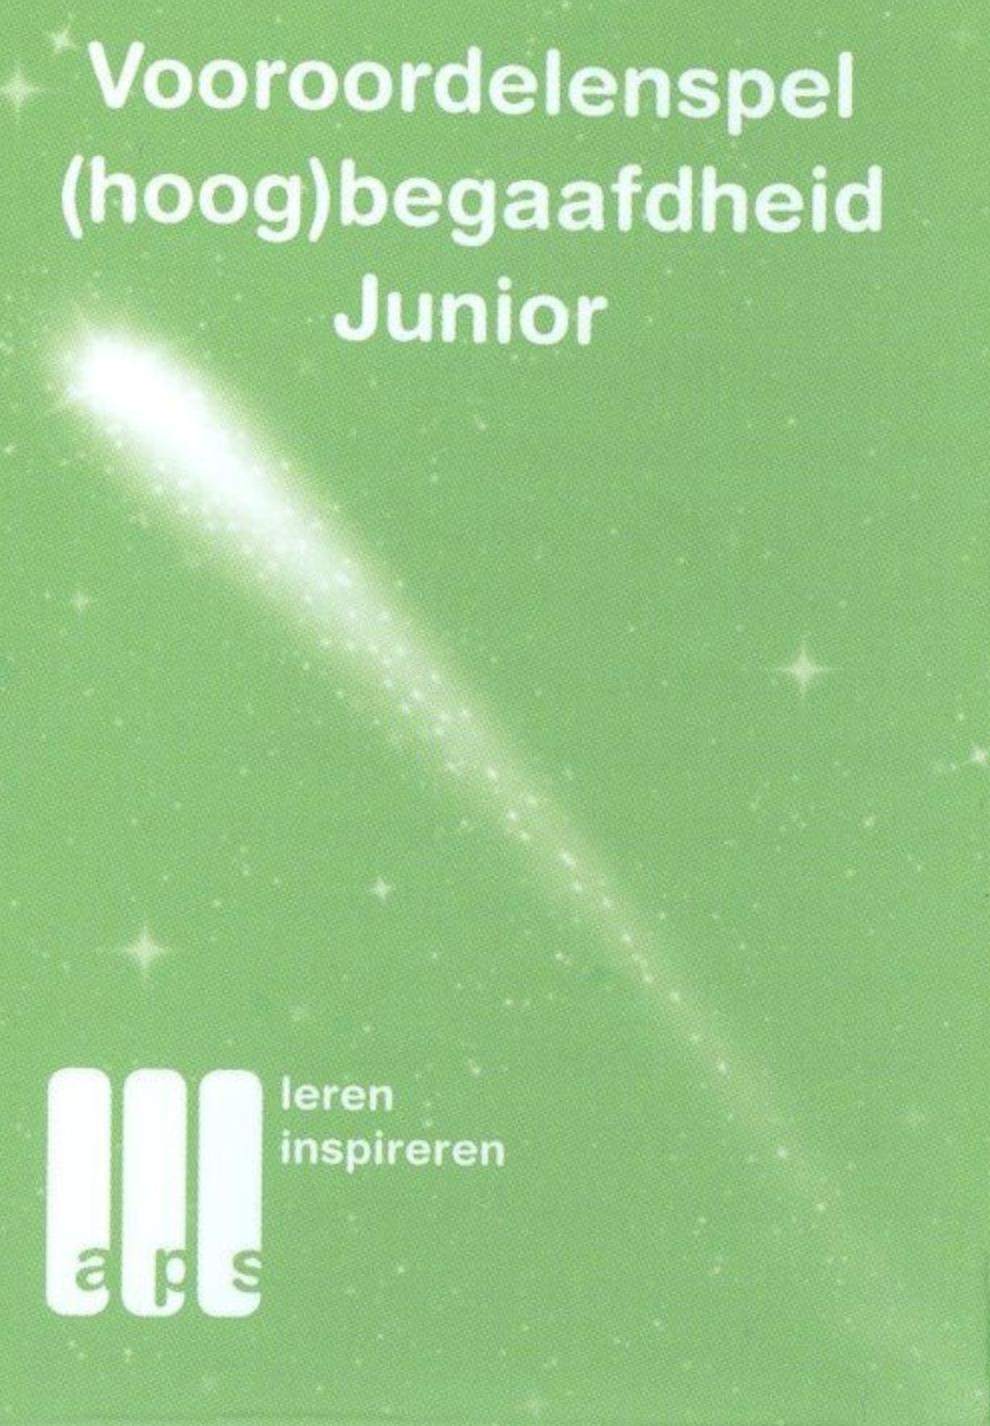 Vooroordelenspel (hoog)begaafdheid (junior)